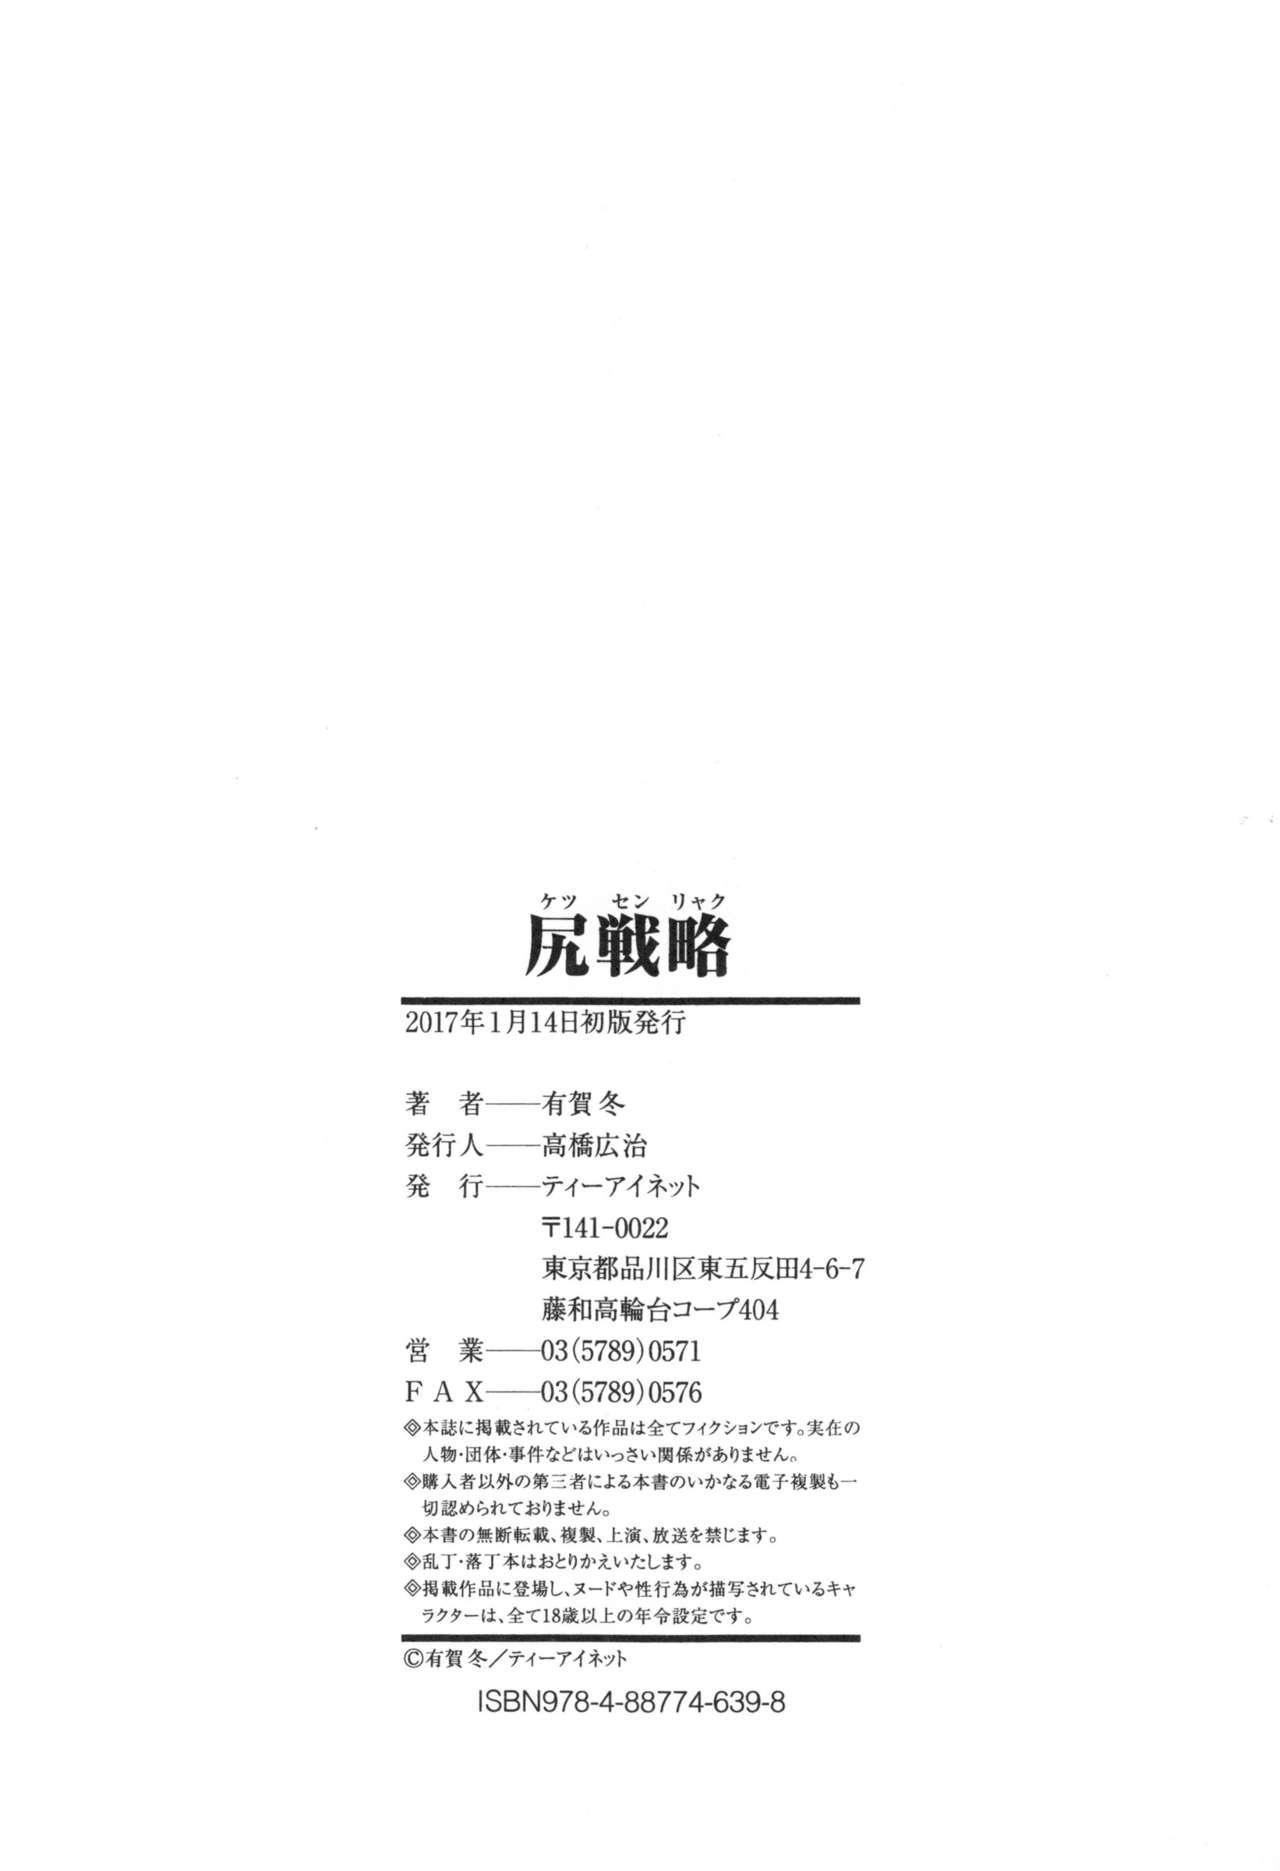 Ketsusenryaku 216